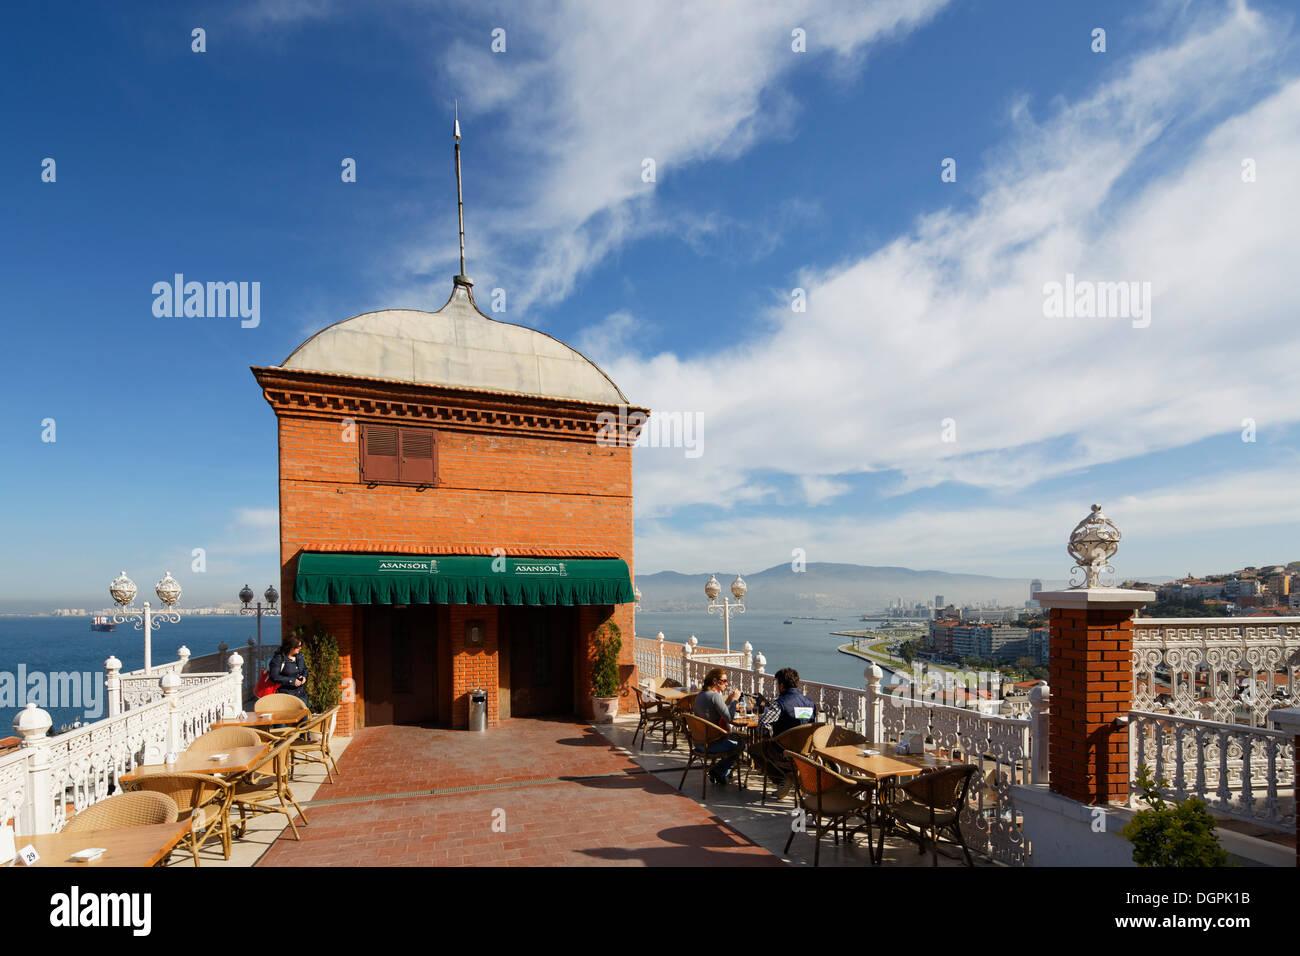 D'un ascenseur, Asansoer, Karataş, Izmir İzmir, Province, Région de l'Egée, la Turquie Photo Stock